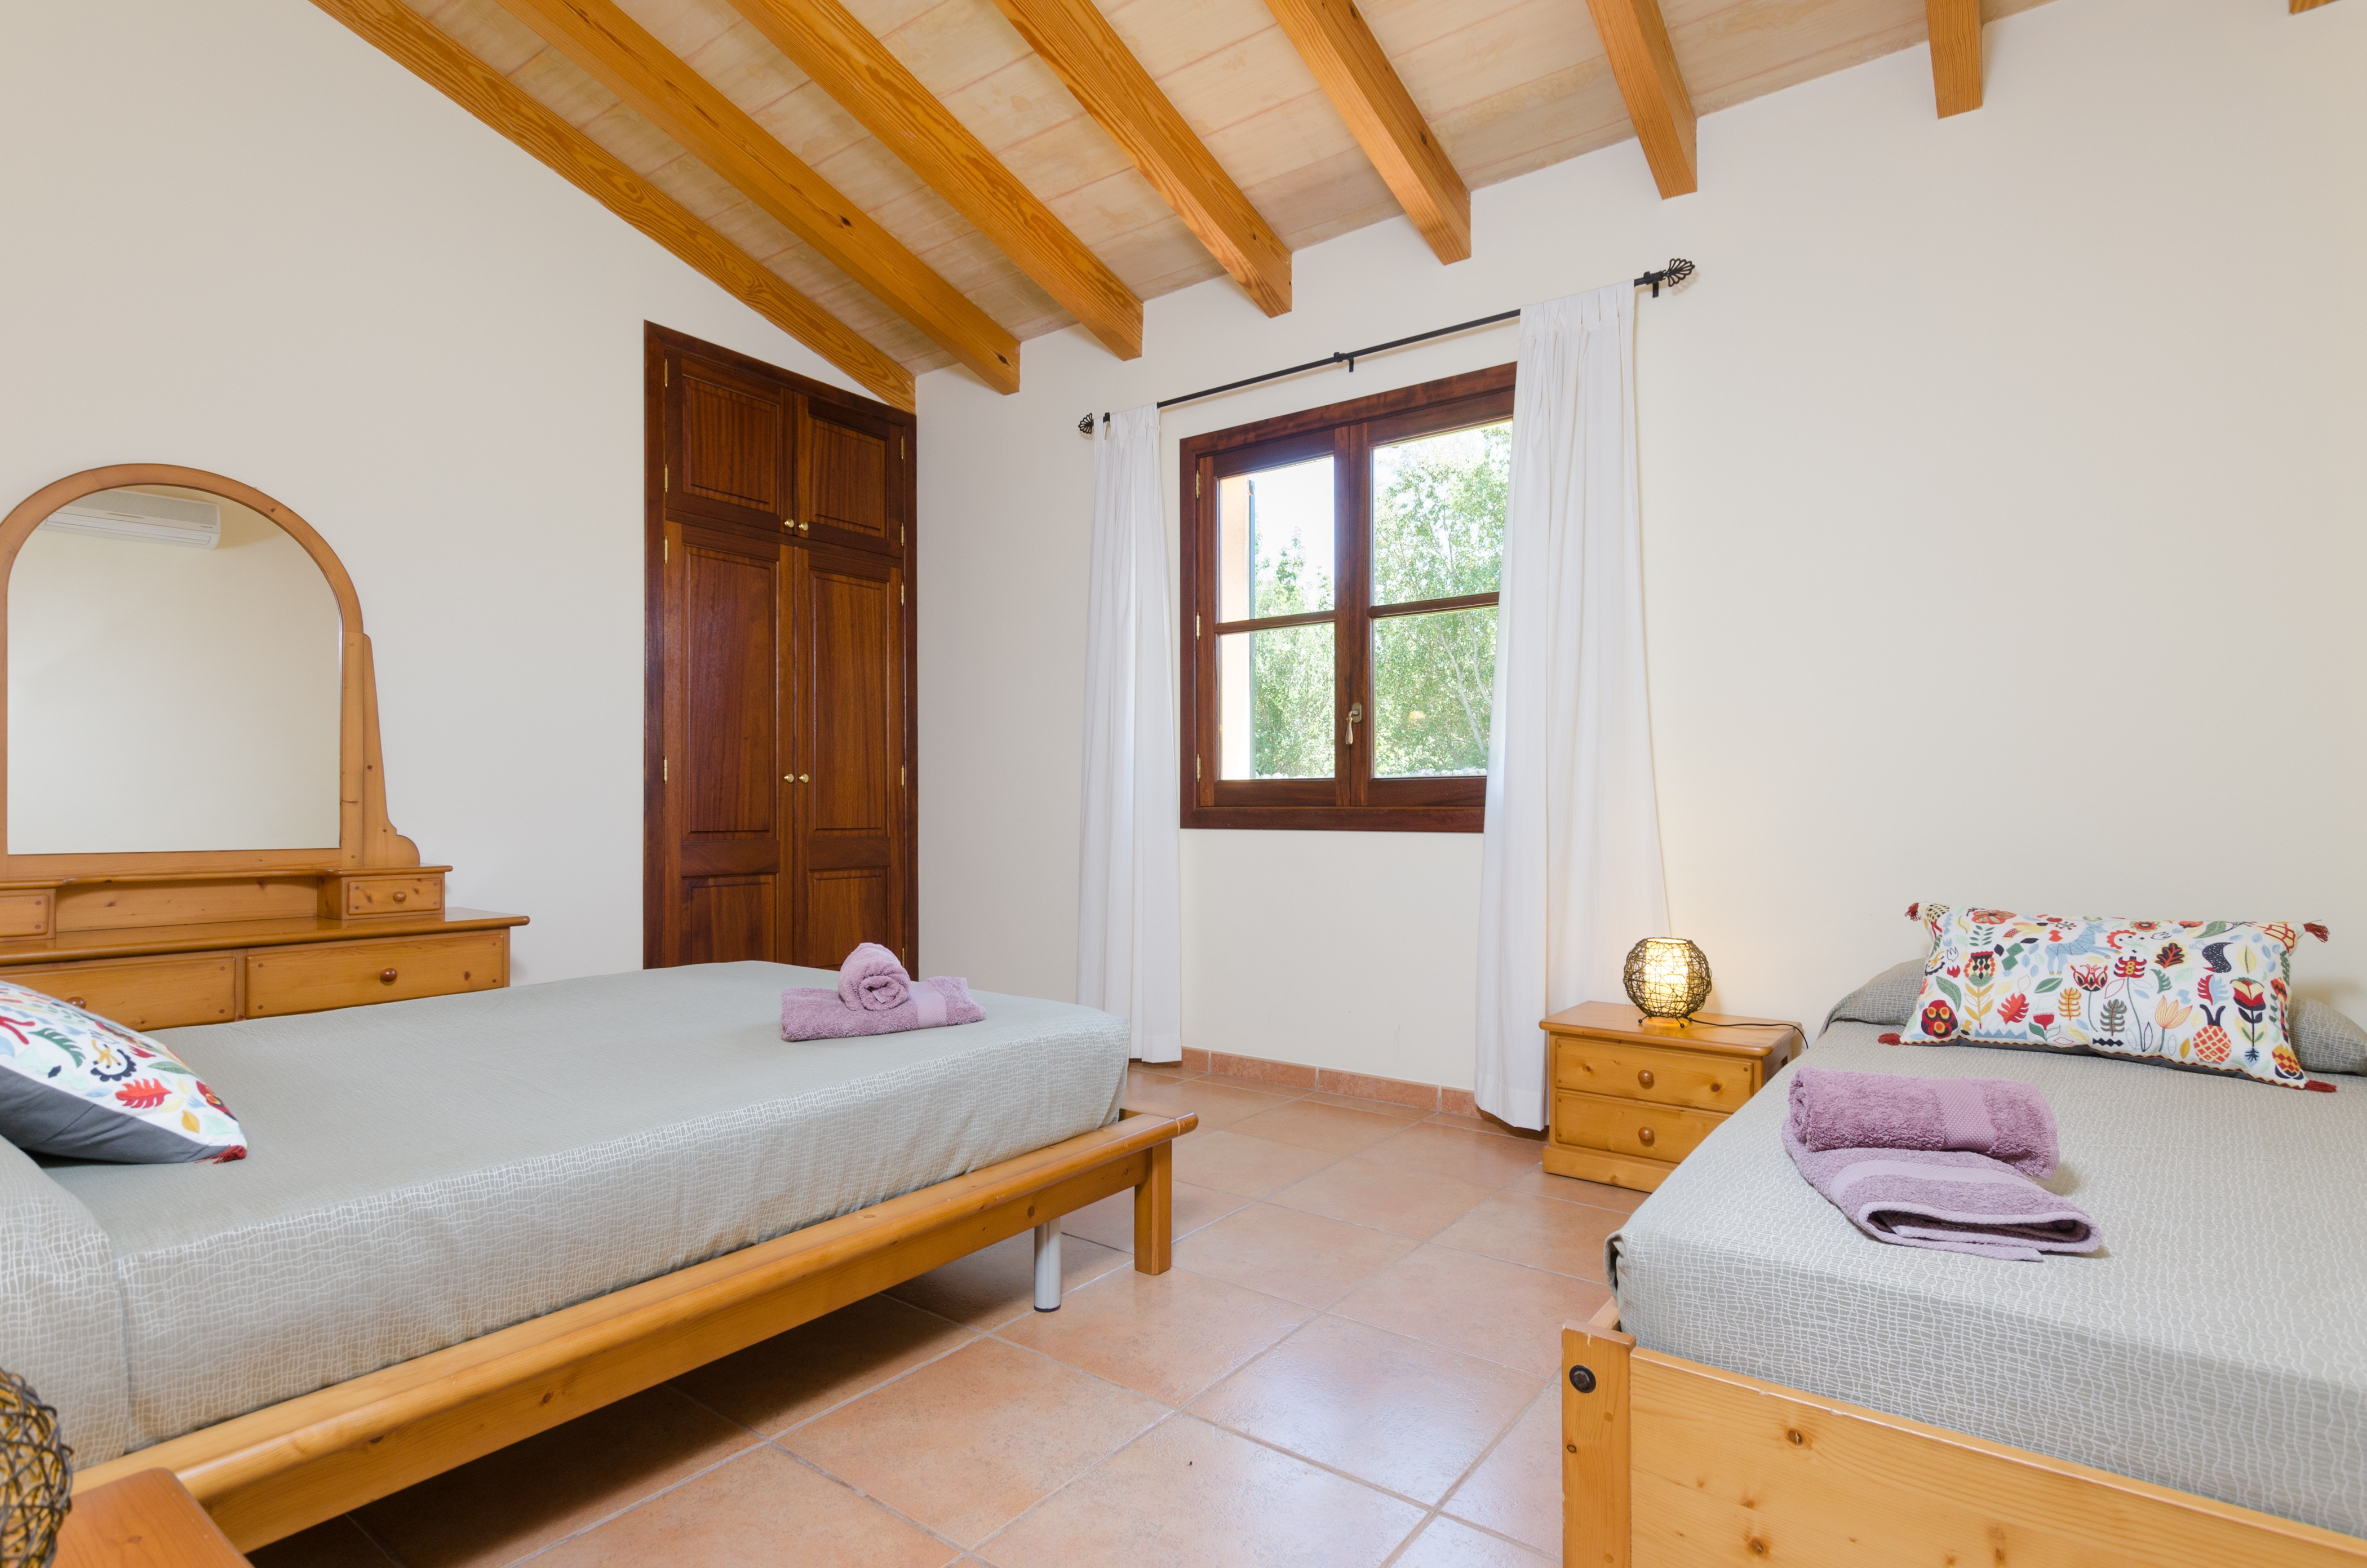 Maison de vacances ES VEDAT (2632993), Lloret de Vistalegre, Majorque, Iles Baléares, Espagne, image 26